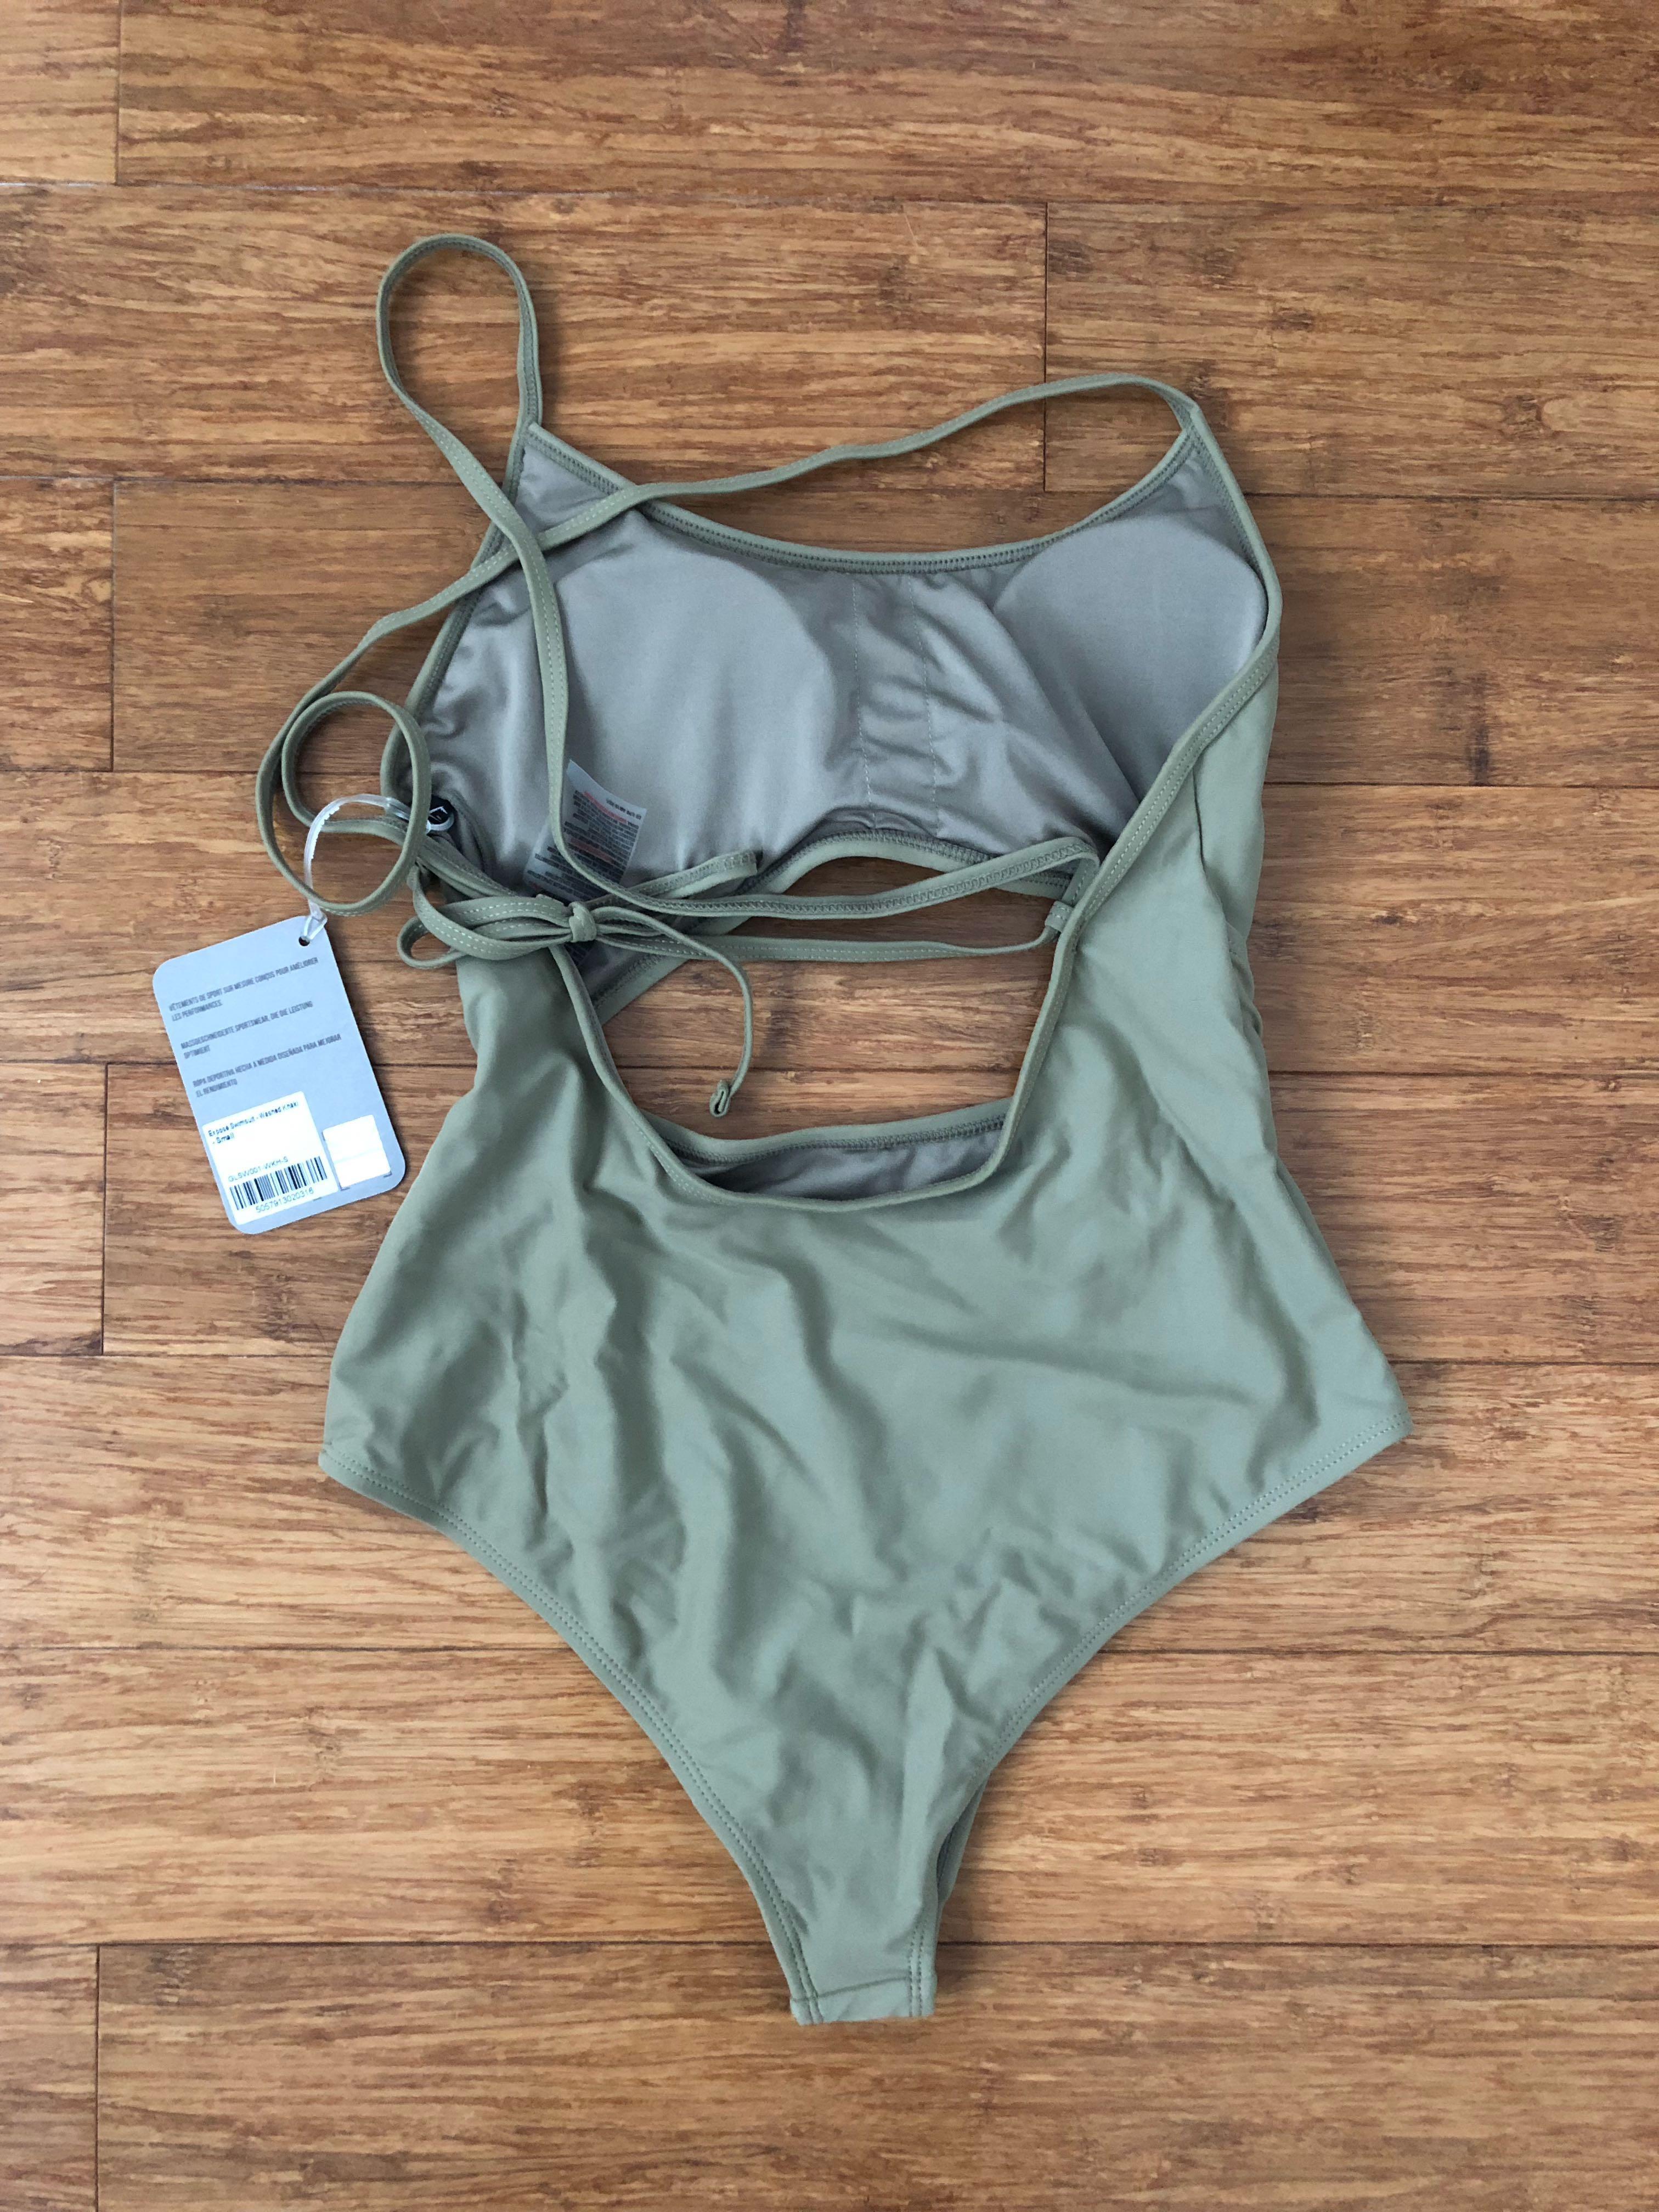 Gymshark Women's Swimsuit (washed khaki) size small